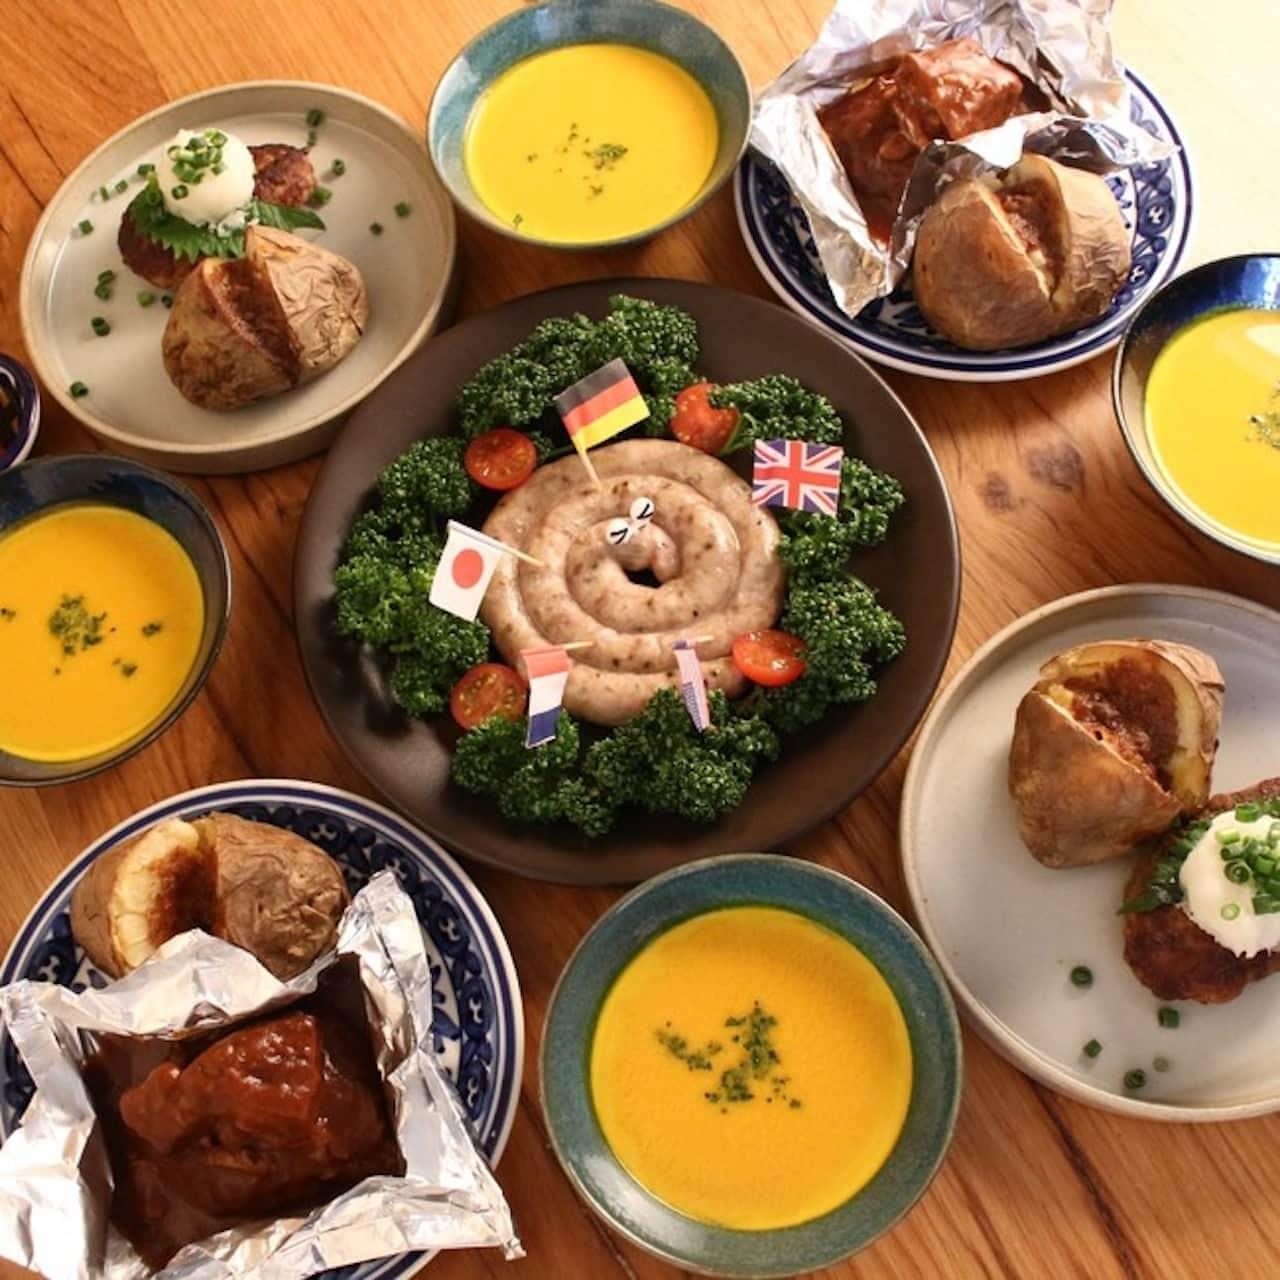 春の限定商品「老舗洋食屋のご馳走ディナーセット」